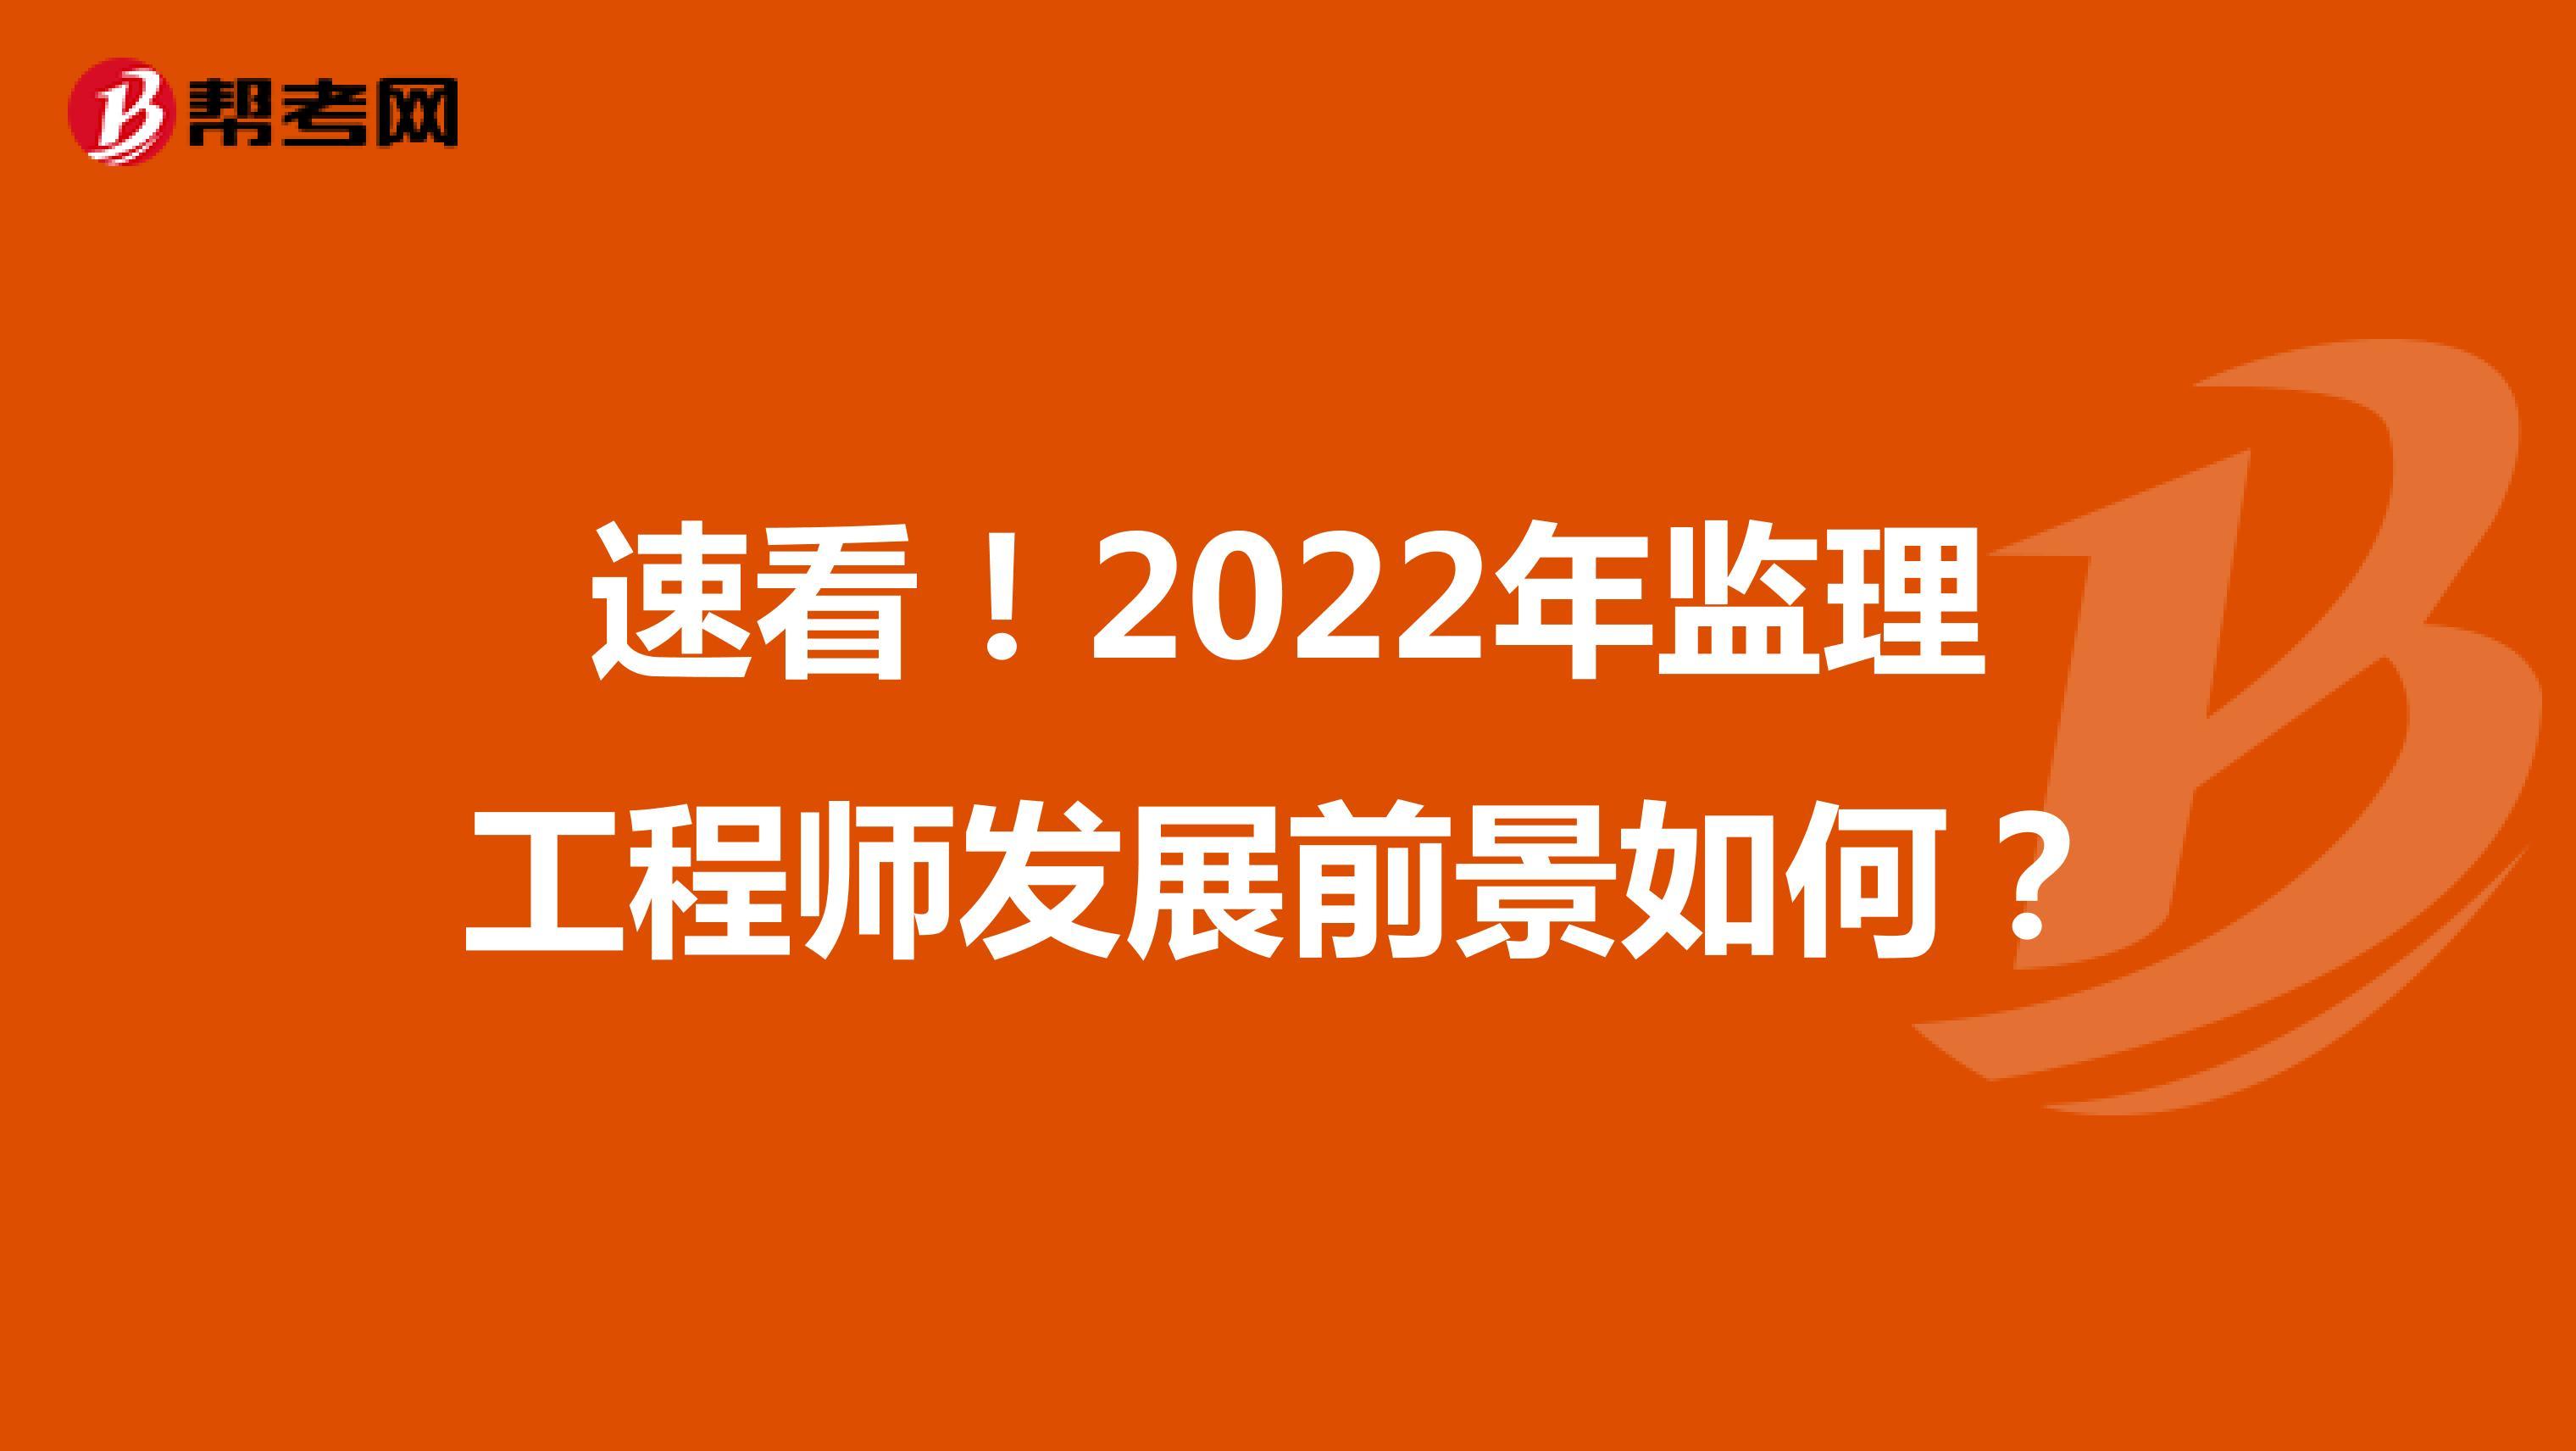 速看!2022年监理工程师发展前景如何?